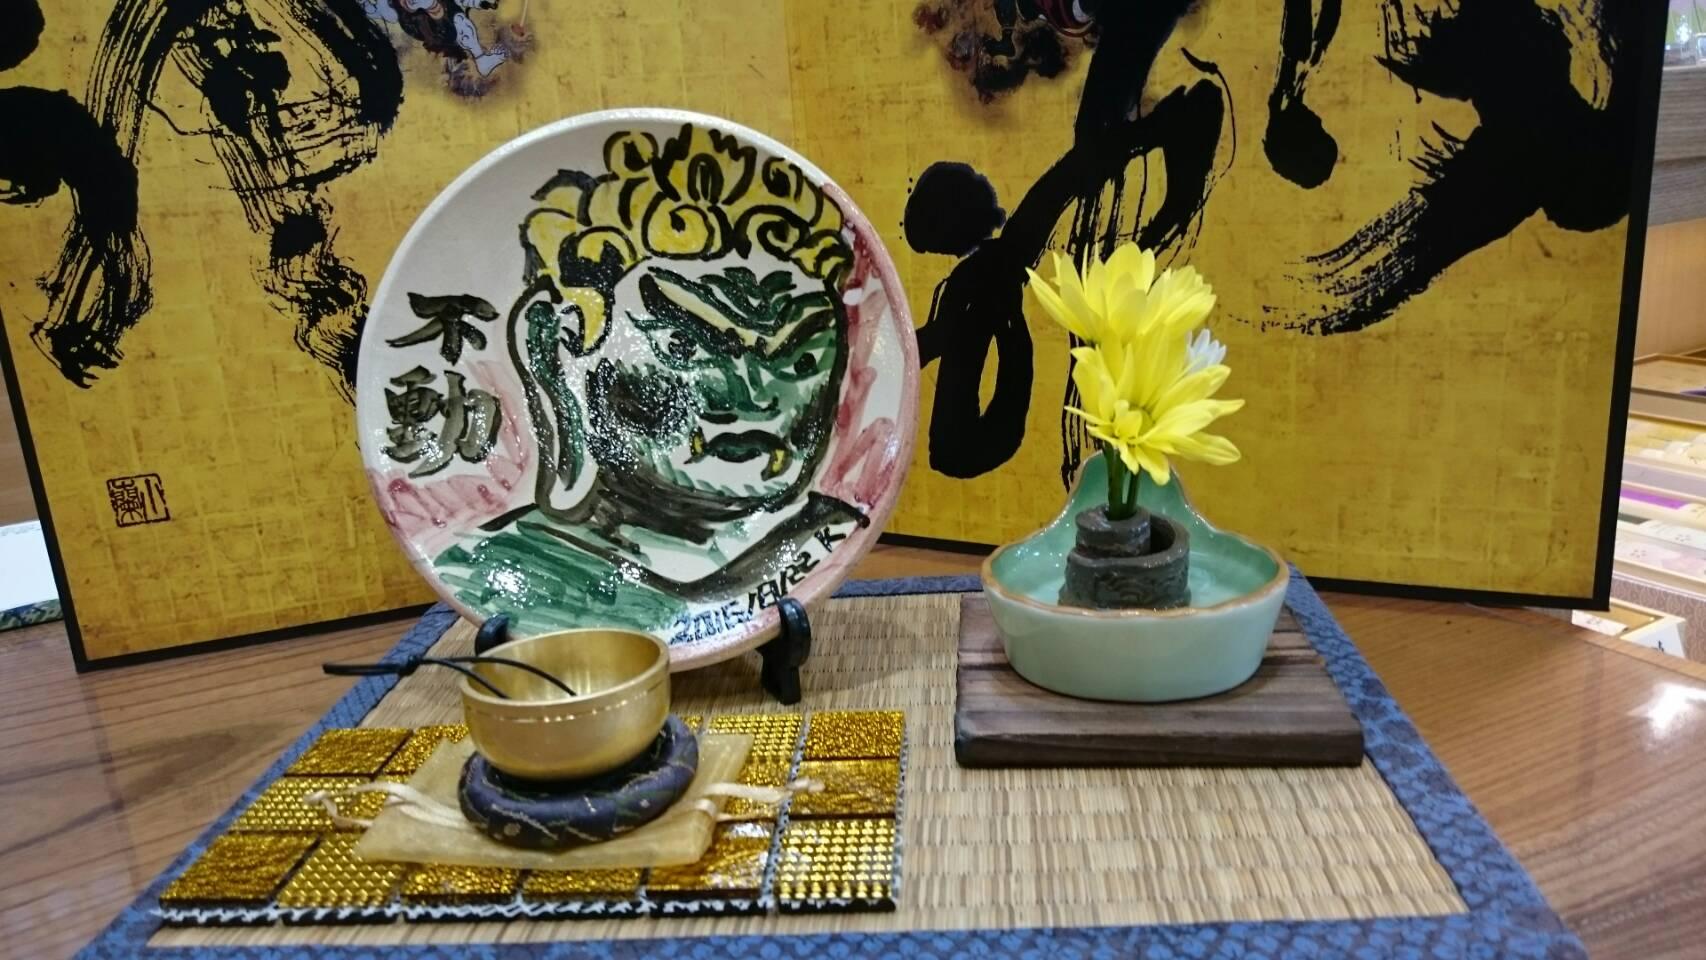 ふくば 福島 仏壇 写真ギャラリー画像19